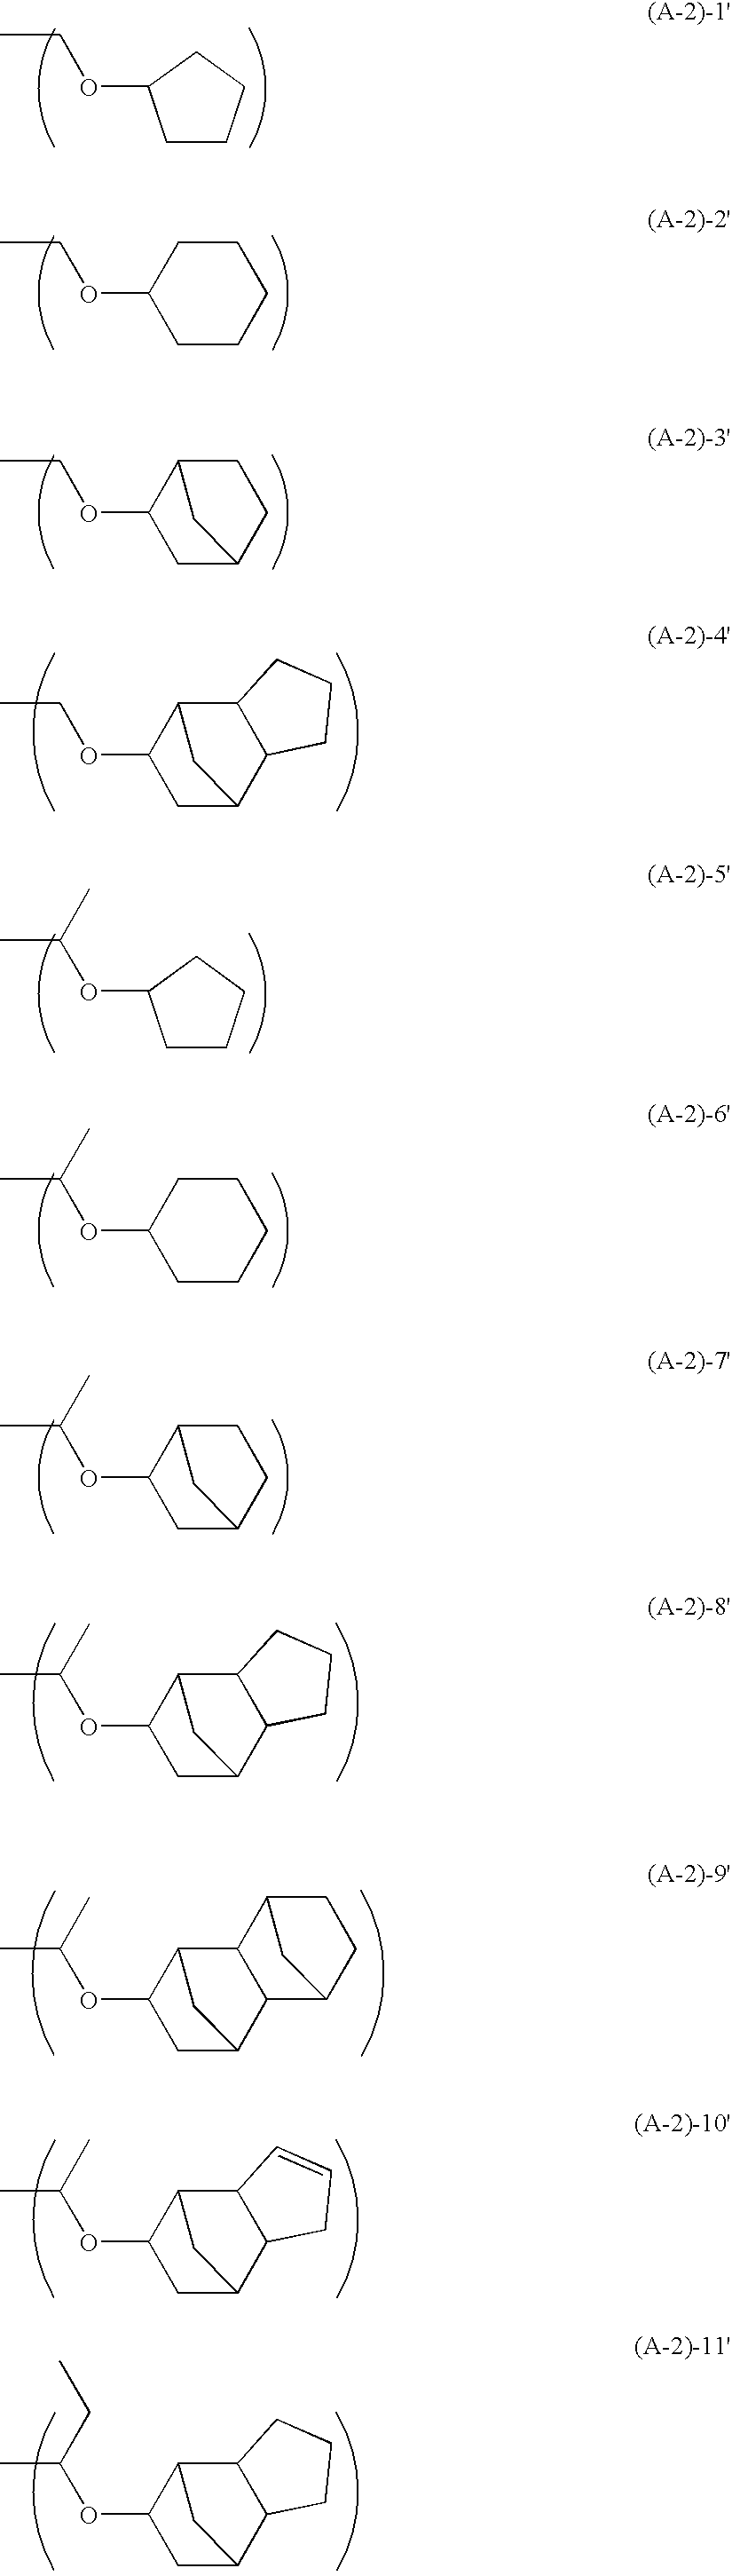 Figure US20080020289A1-20080124-C00015